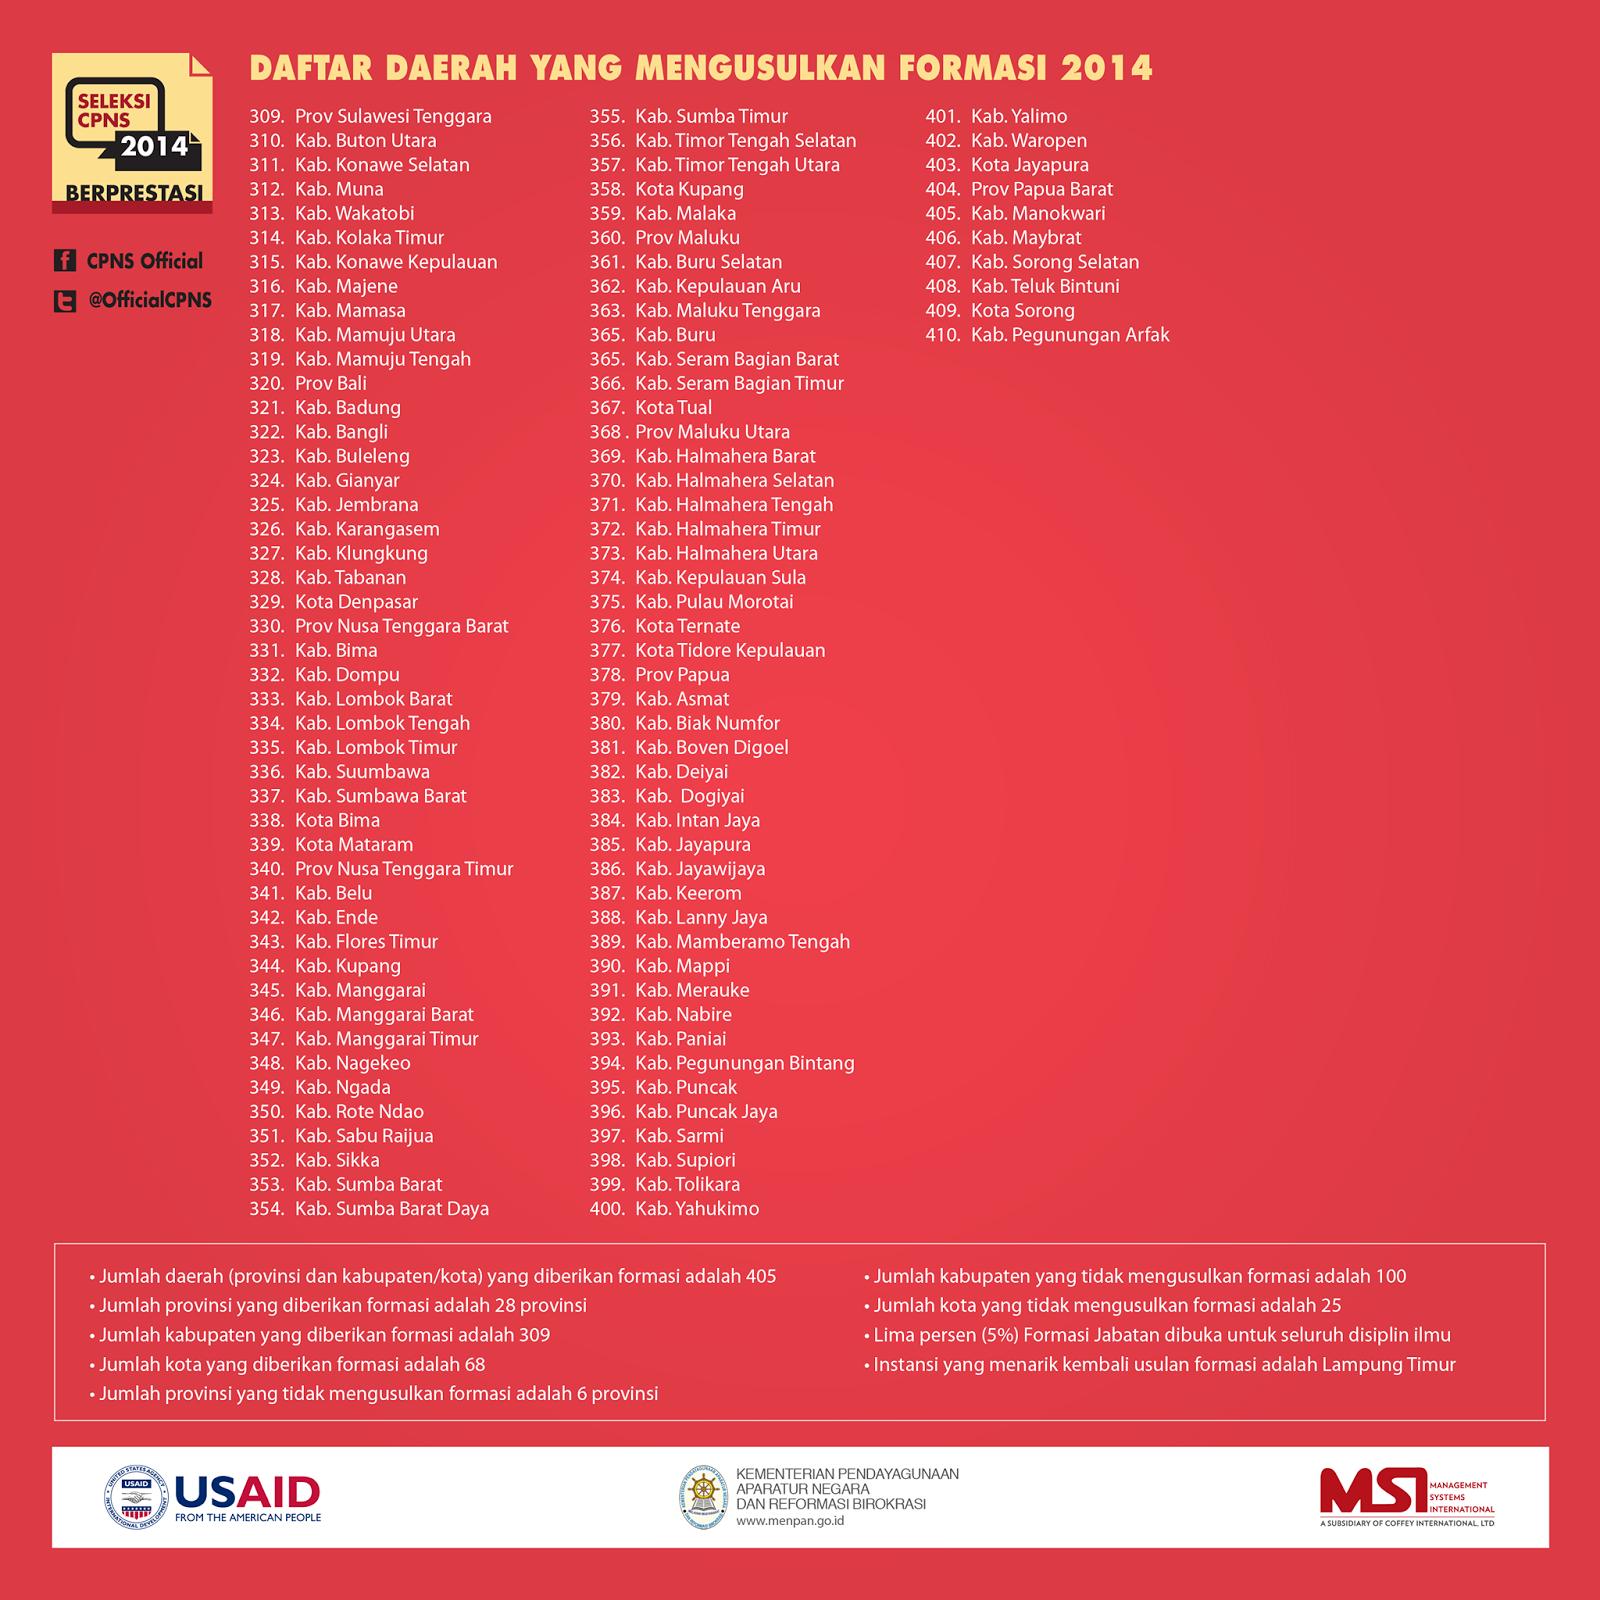 Formasi Lengkap Daerah Yang Mengusulkan Formasi CPNS 2014 2